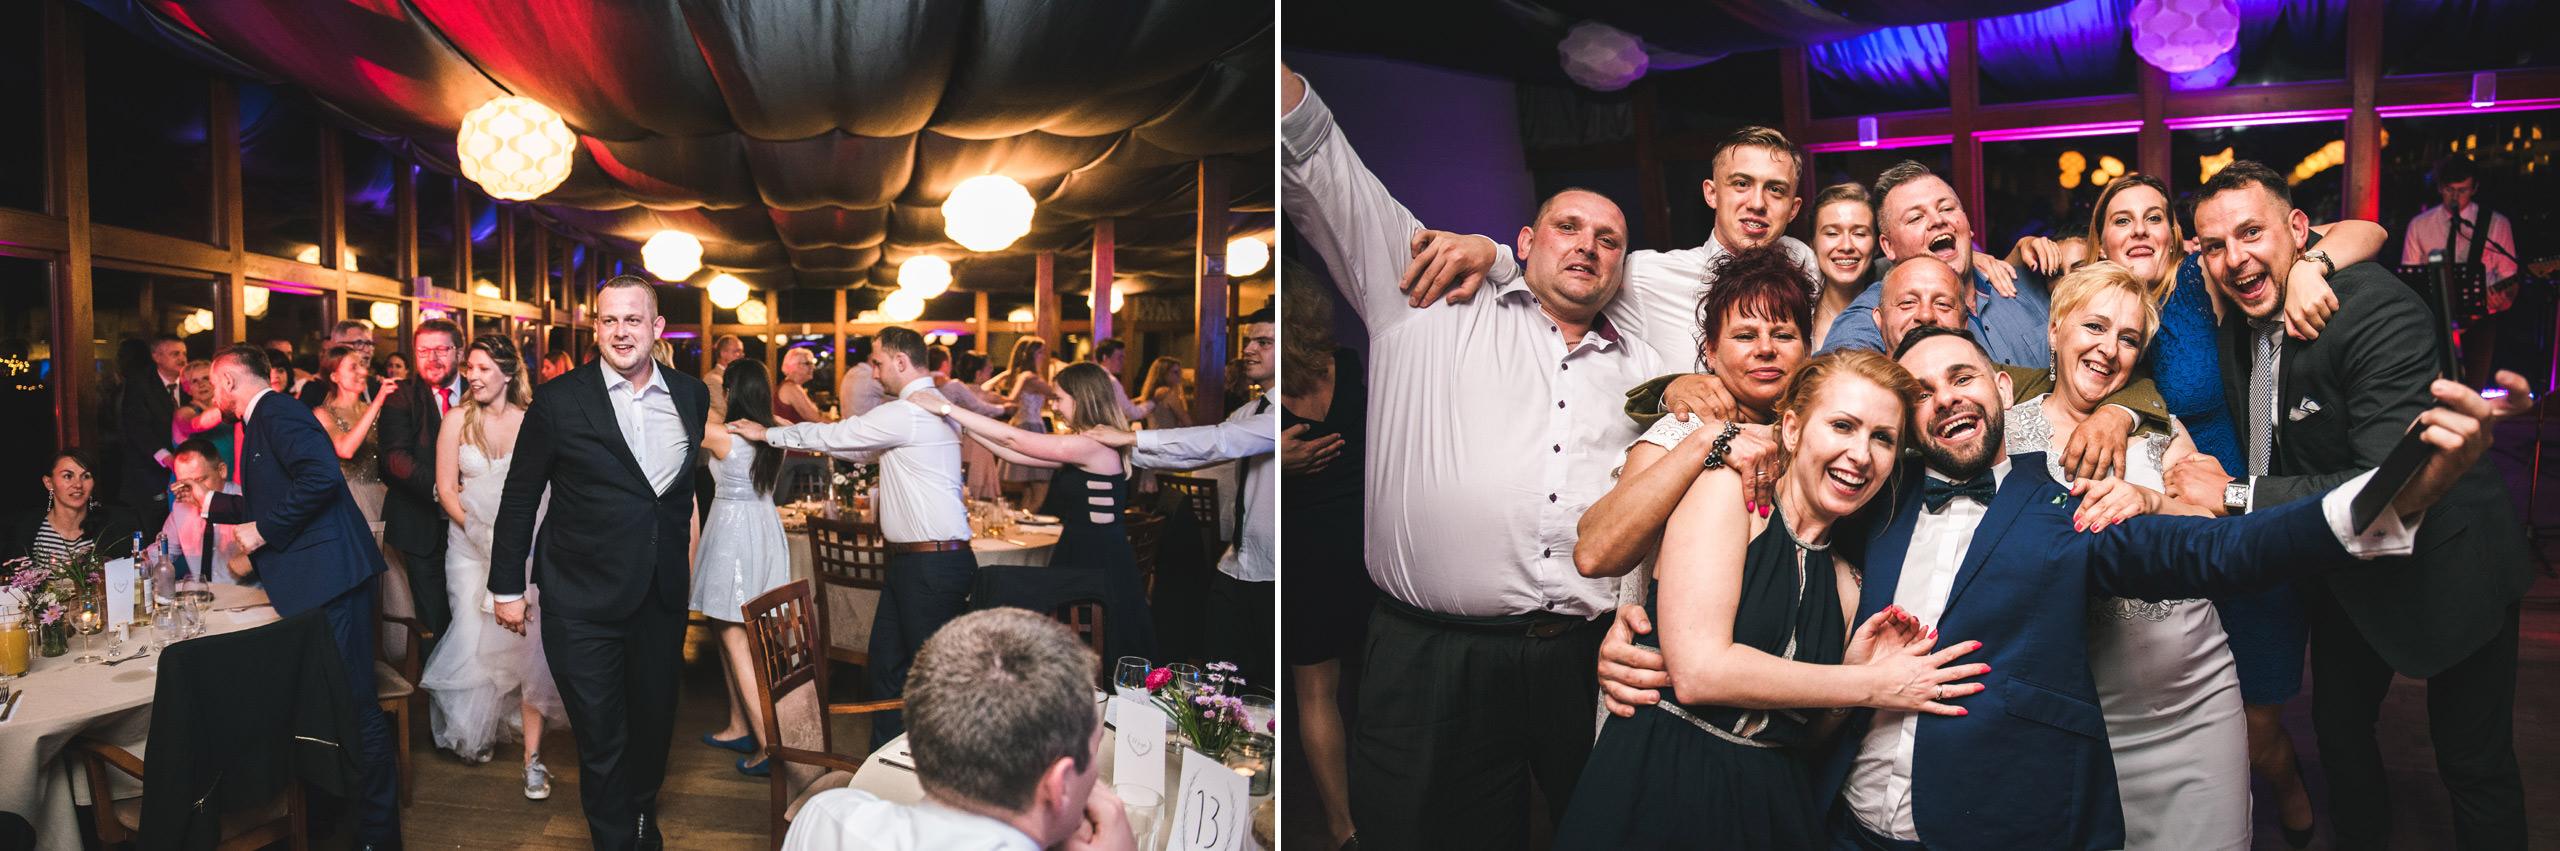 fotograf slubny warszawa 092 zacisze anny korcz wesele